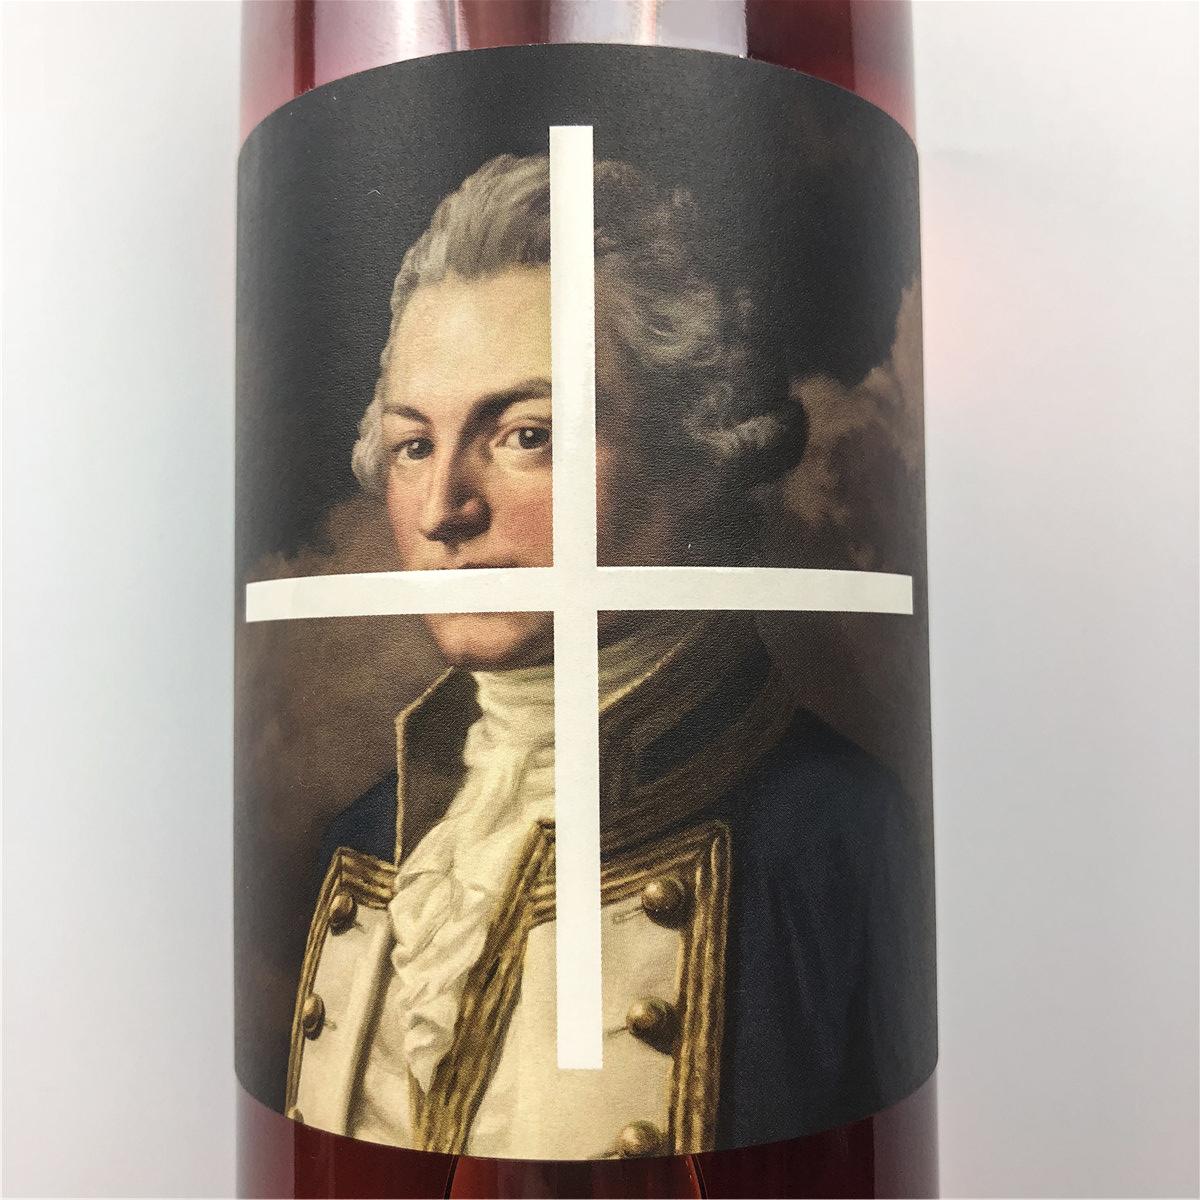 澳大利亚麦克拉伦谷产区澳爵酒庄黑达沃拉艾格尼科赤马五星酒庄桃红葡萄酒